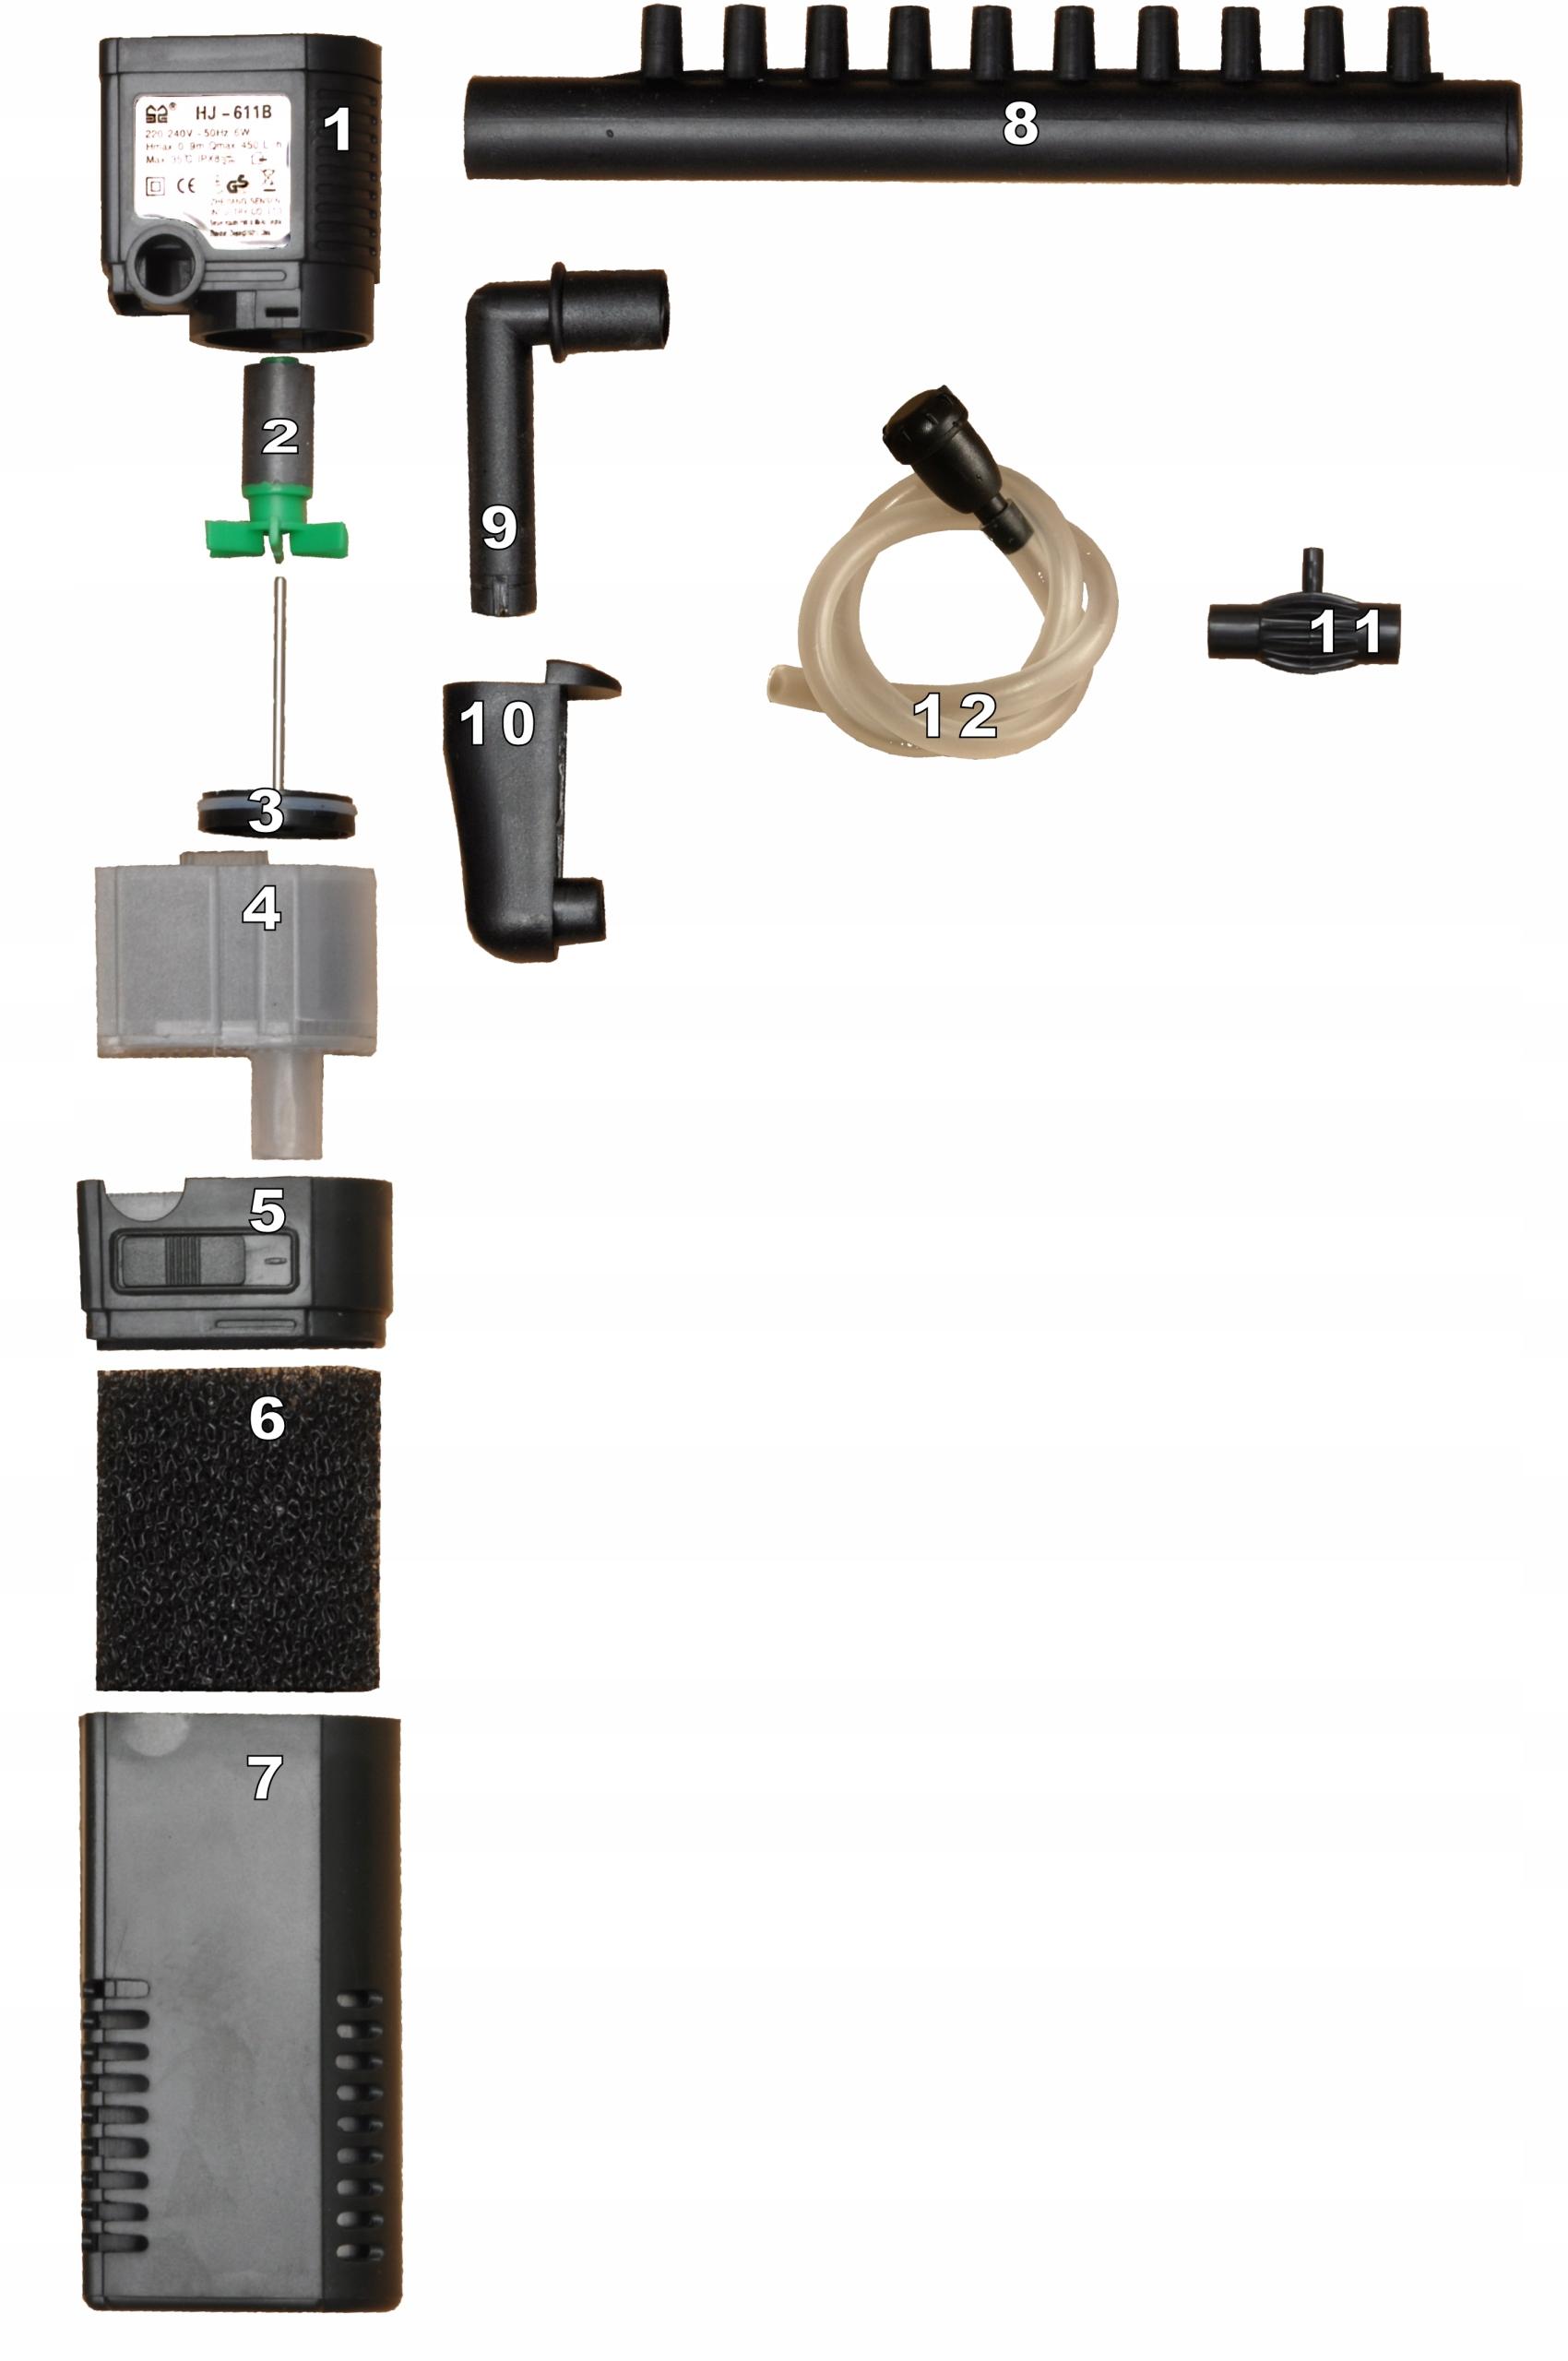 HJ-611B аквариум фильтр 50-80l 450L/ч рот углерода EAN 6955974958090